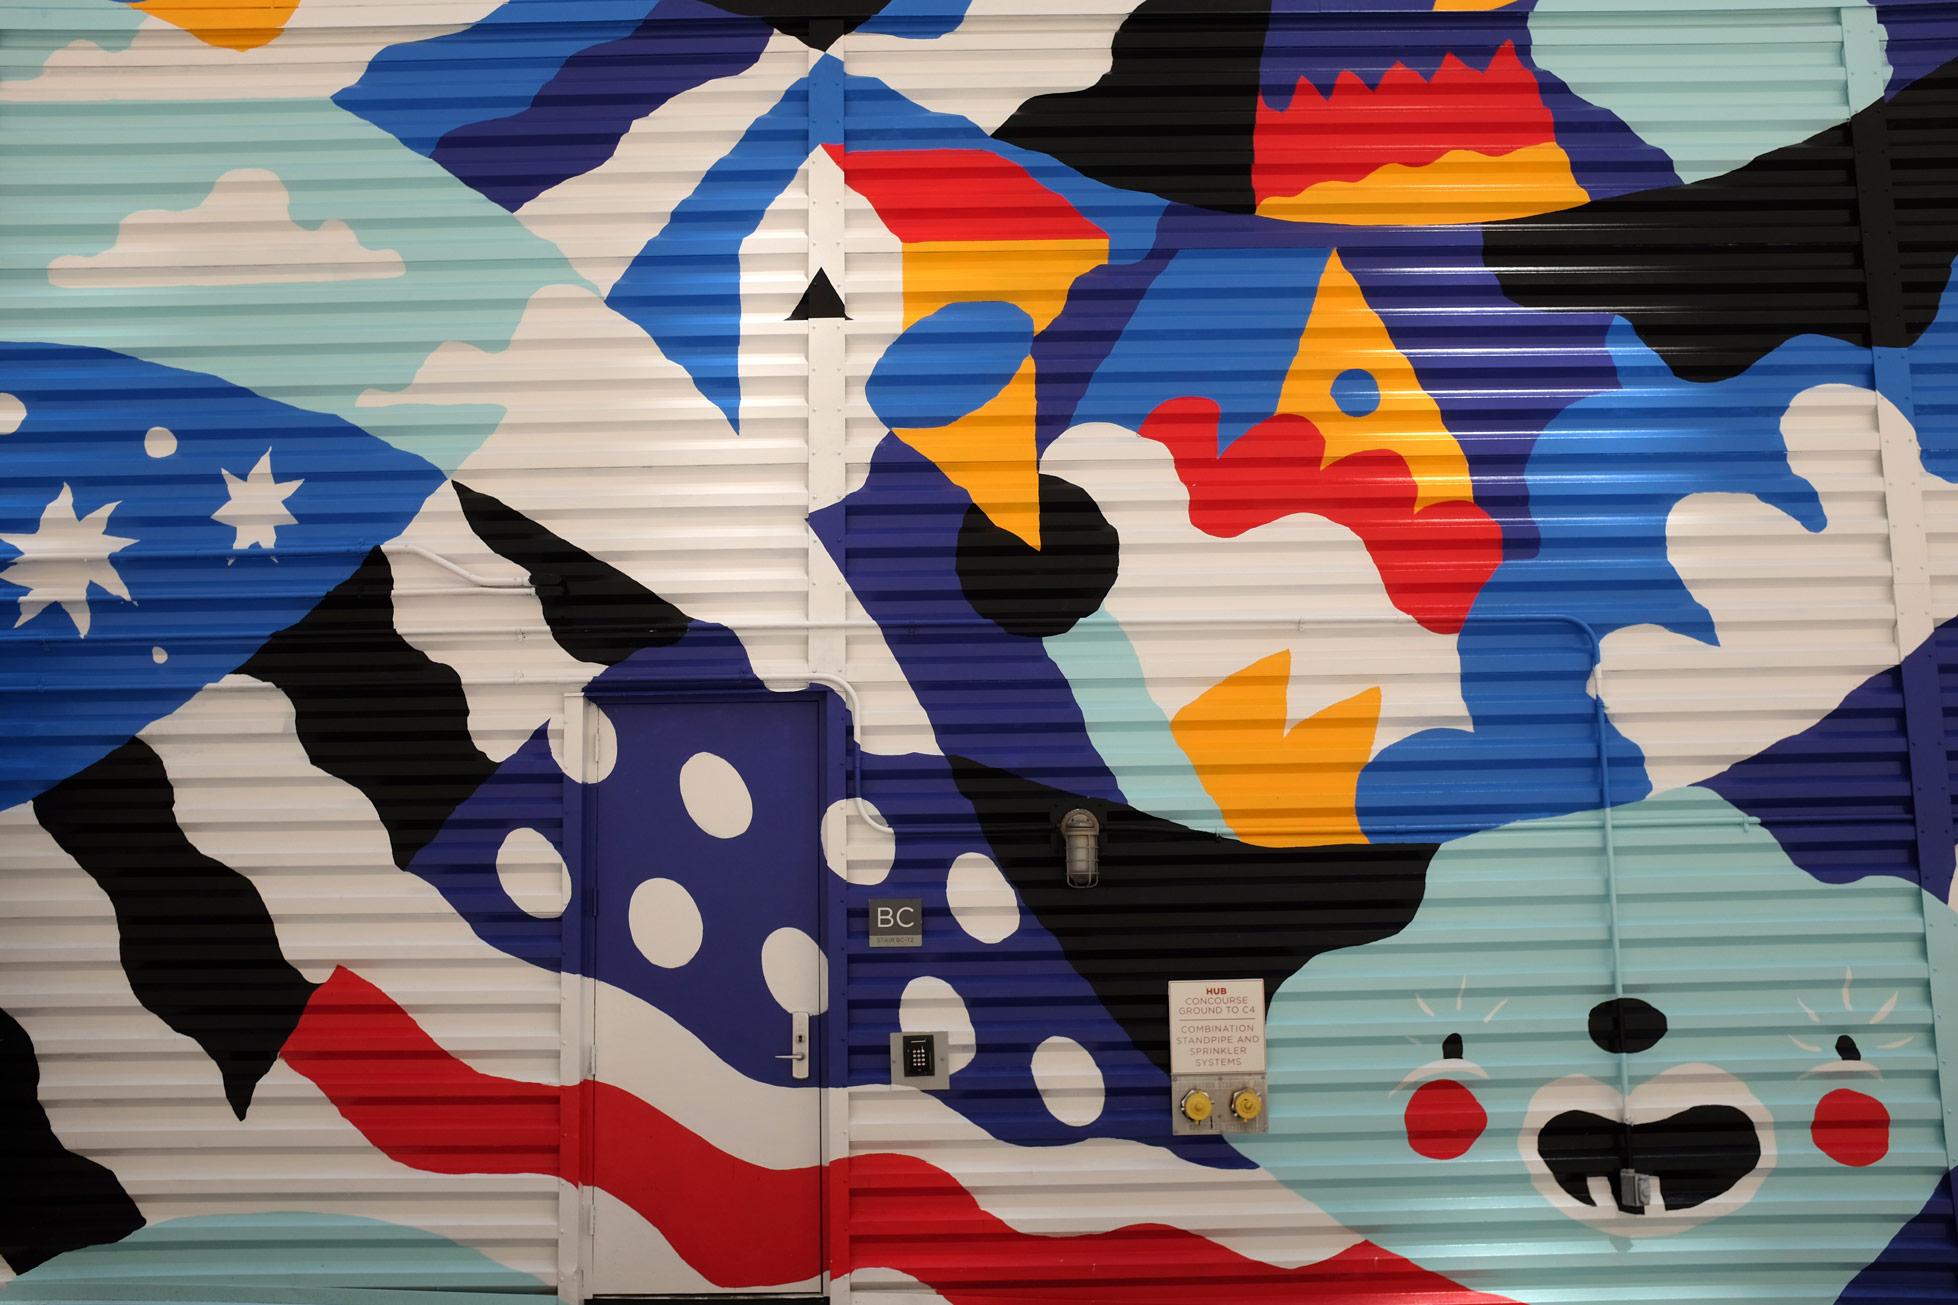 Brolga_WTC_Mural_Photo8.jpg